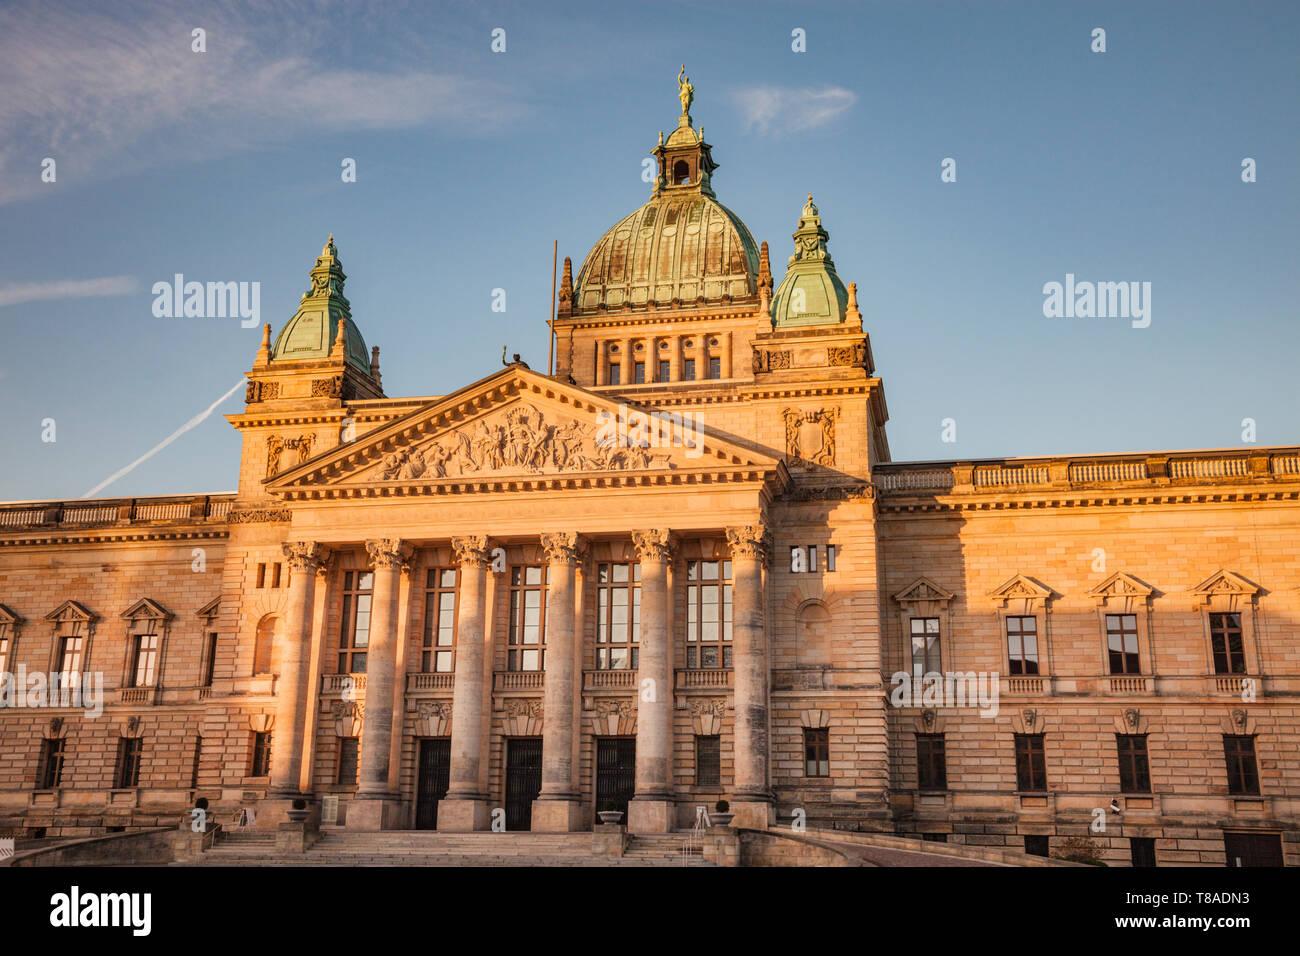 Le Tribunal administratif fédéral de Leipzig. Leipzig, Saxe, Allemagne. Banque D'Images